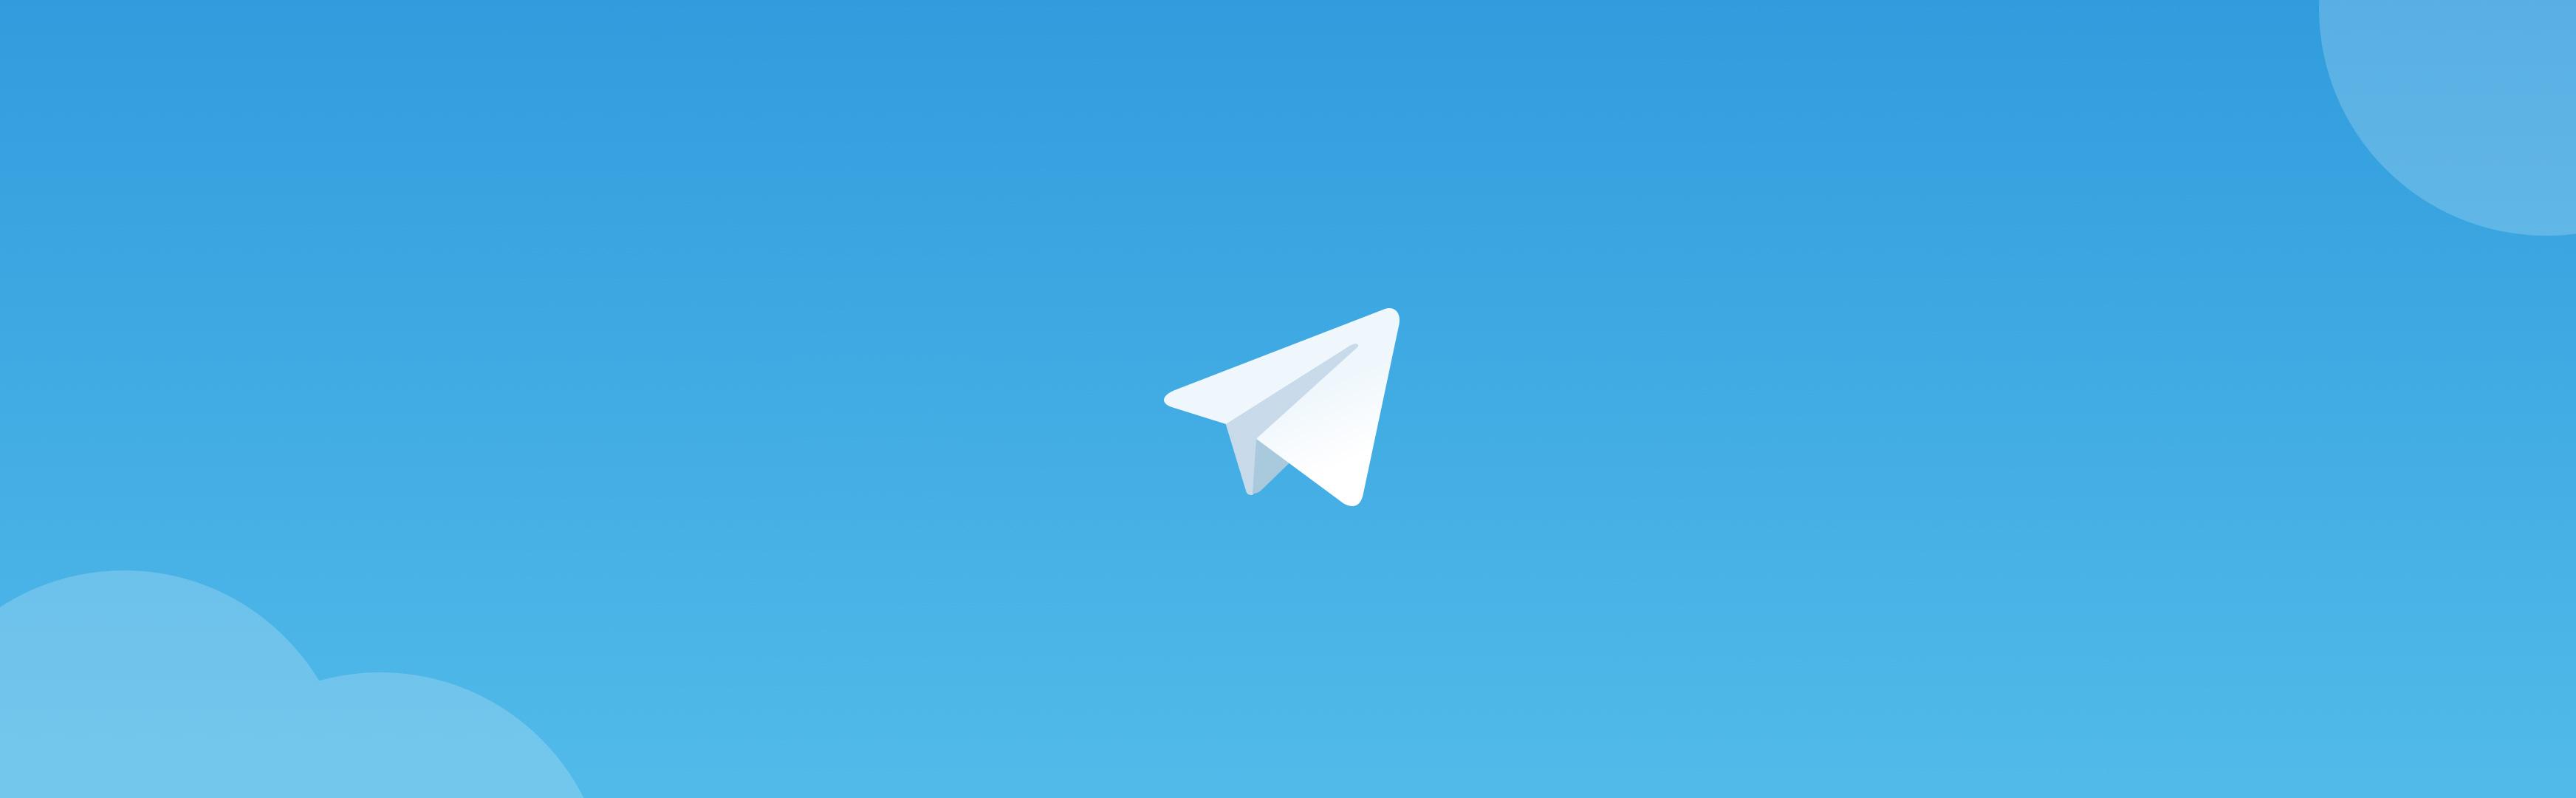 TELEGRAM MESSENGER BANNER